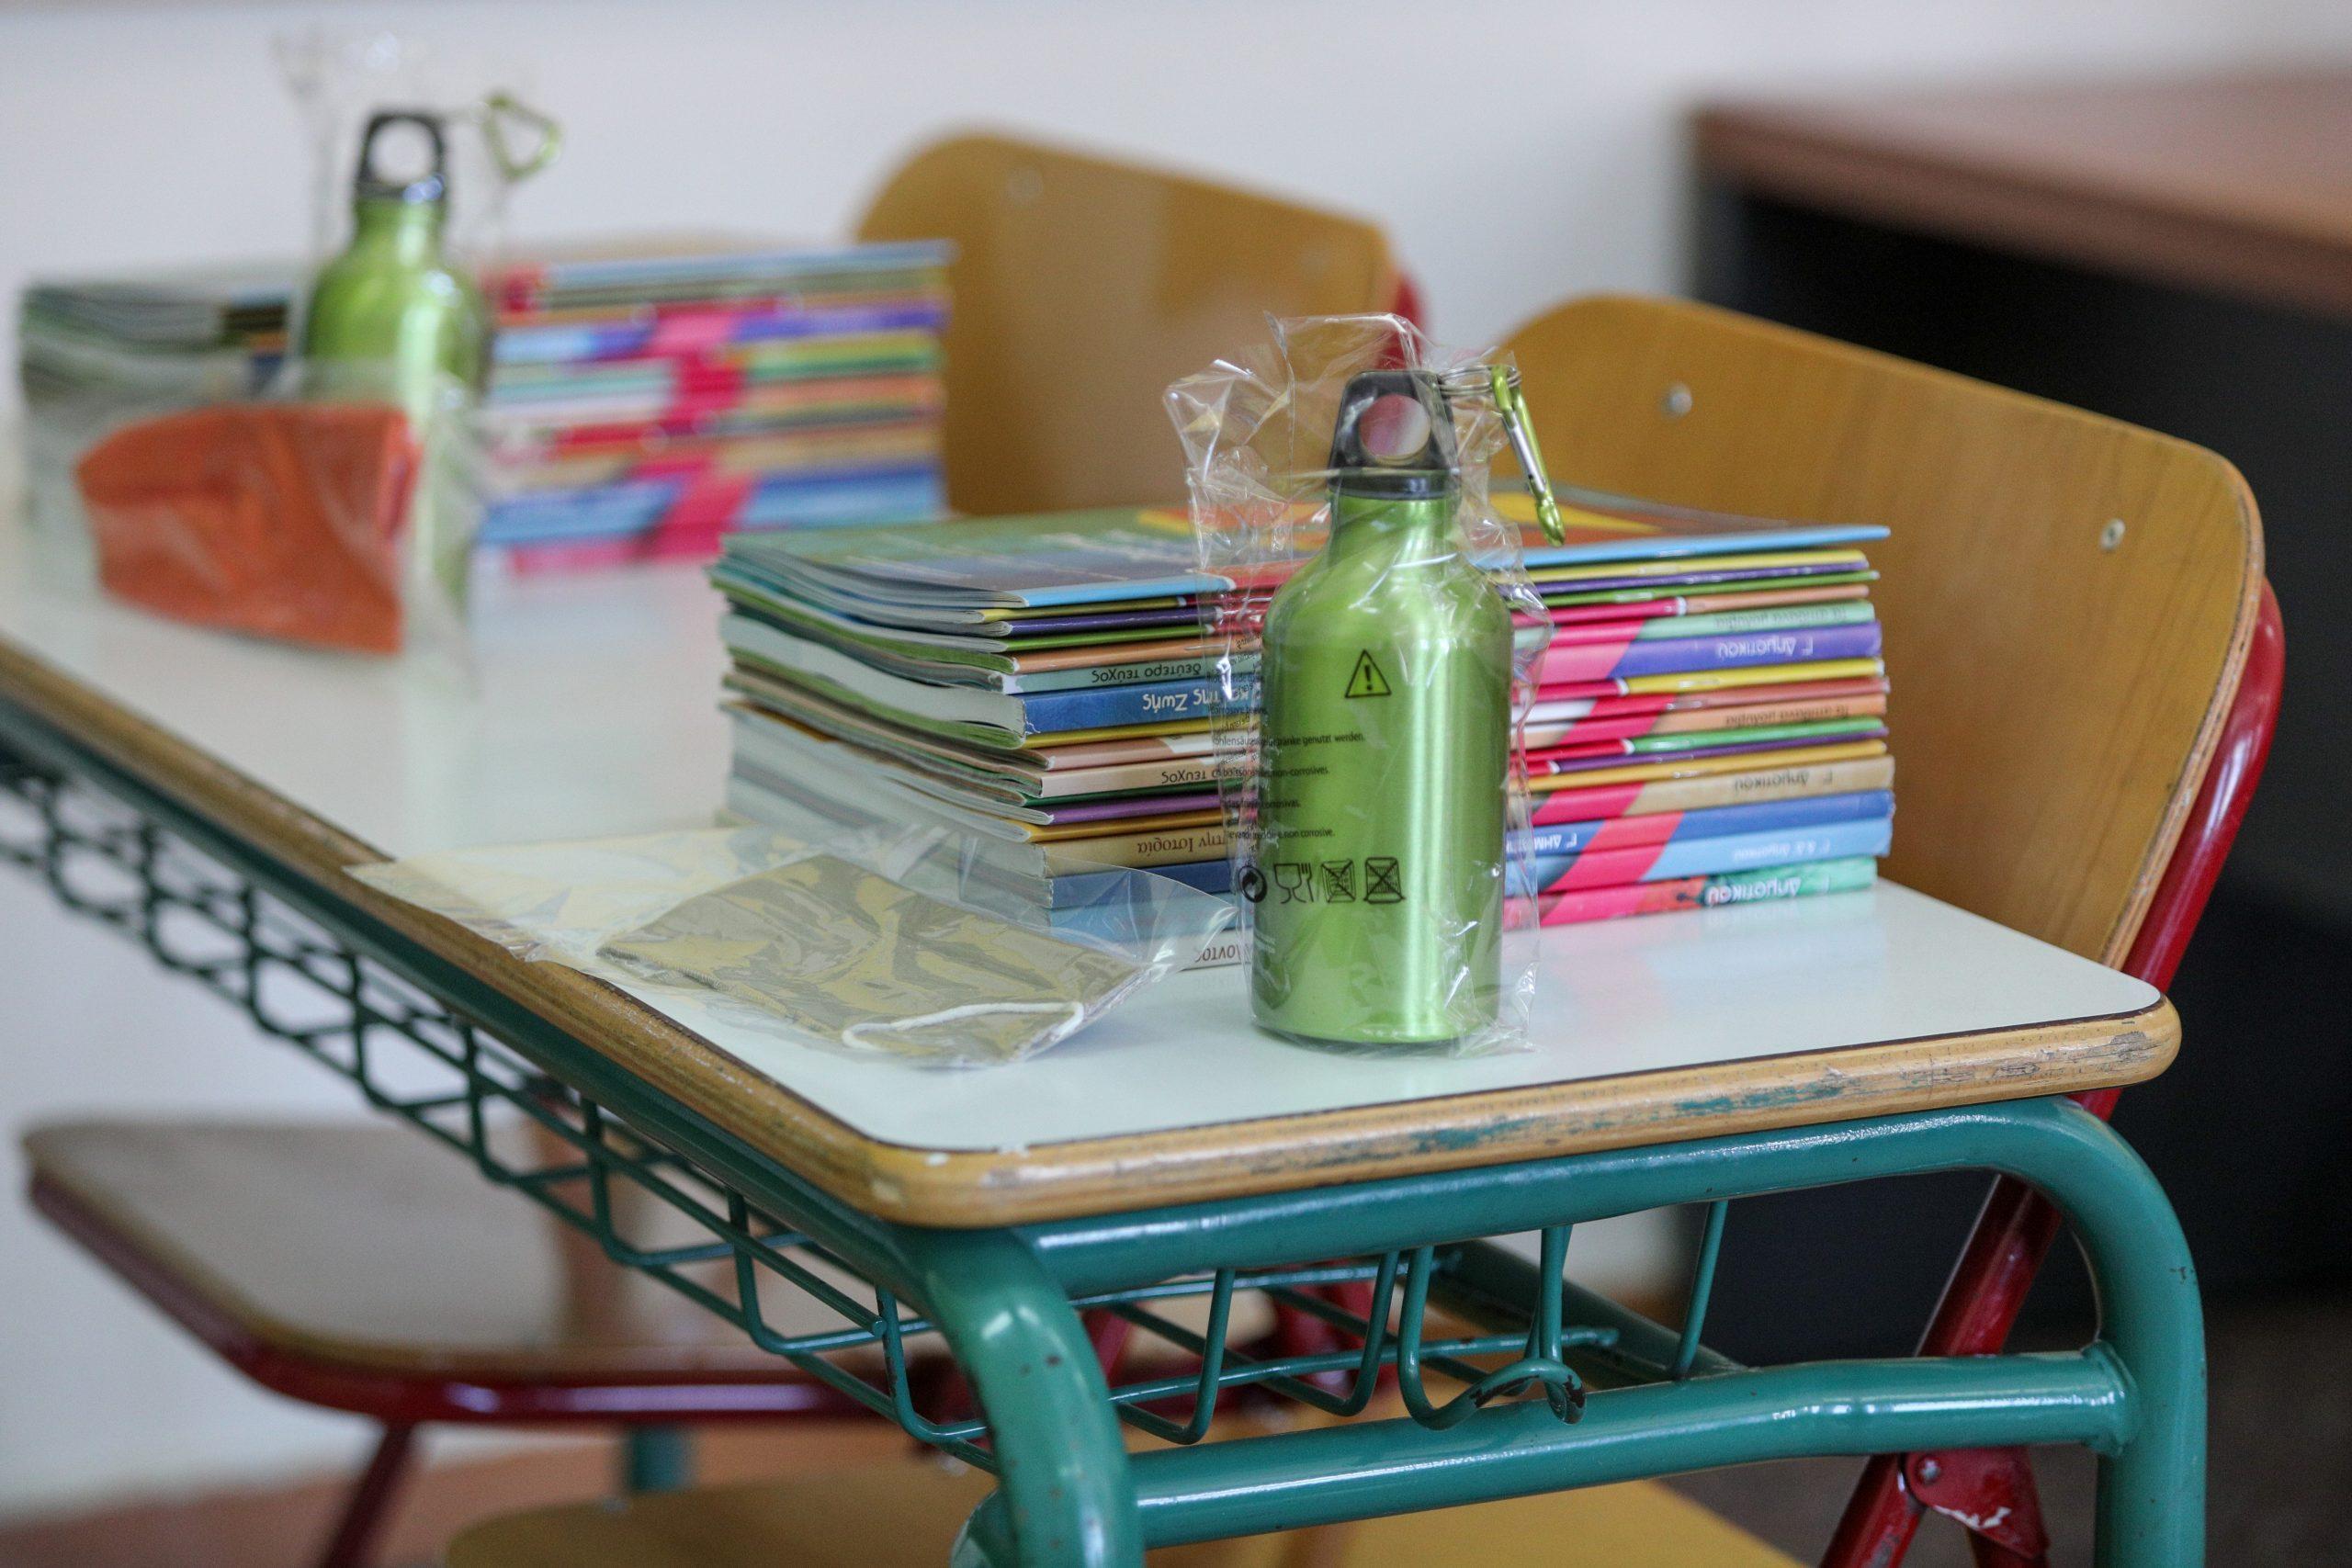 Σχολεία: Πότε ανοίγουν παιδικοί σταθμοί, δημοτικά και νήπιά